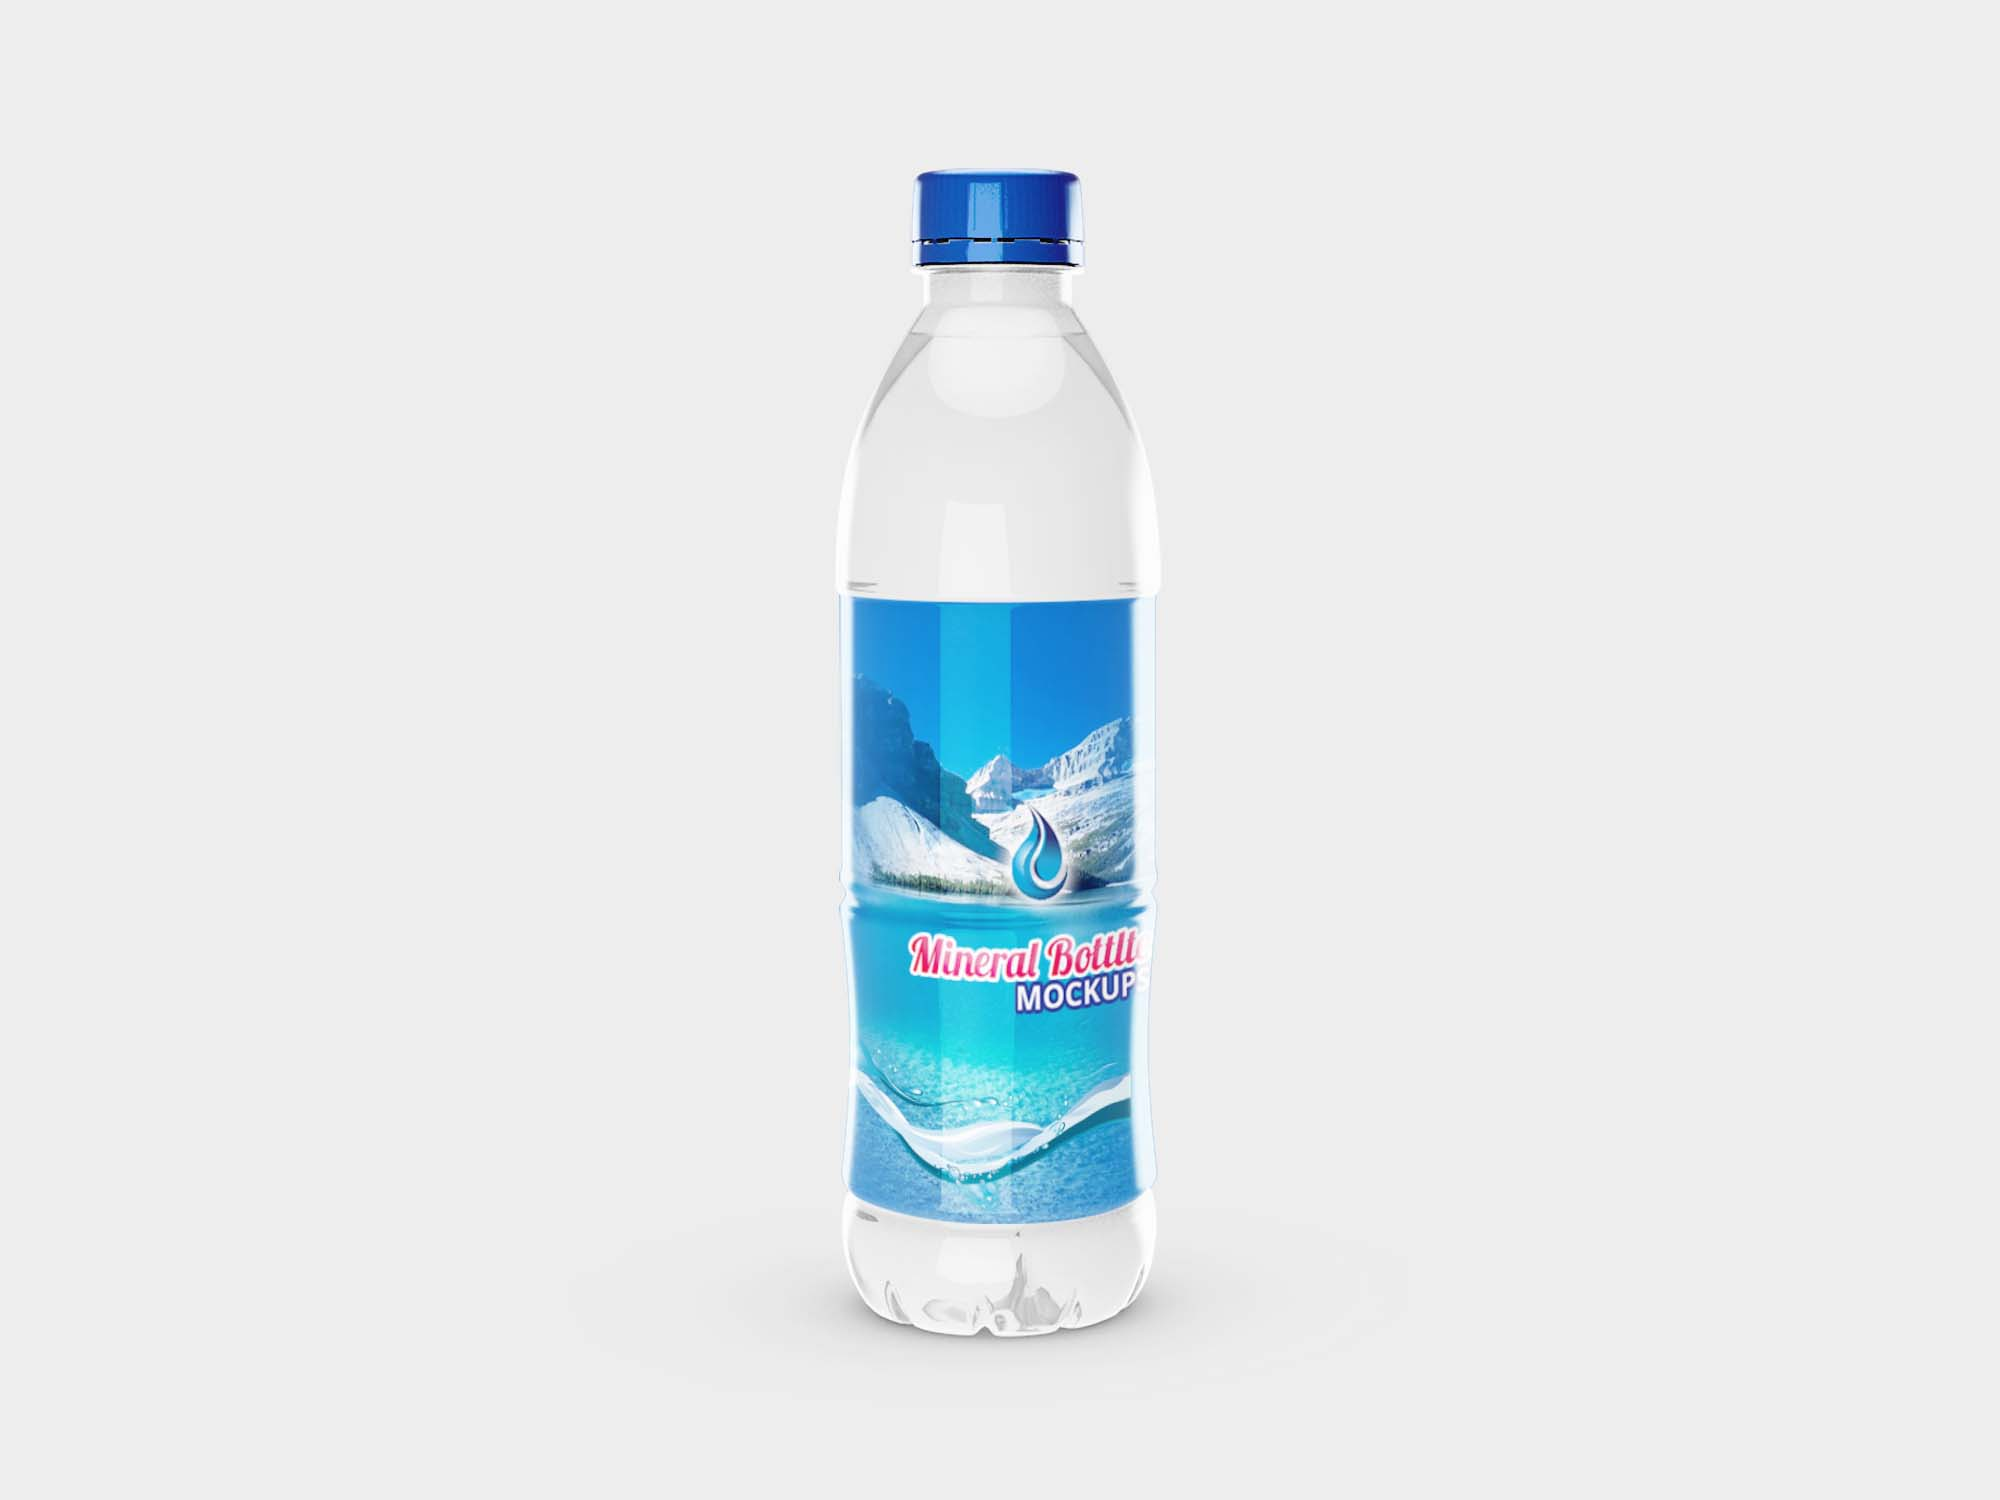 Big Mineral Bottle Mockup